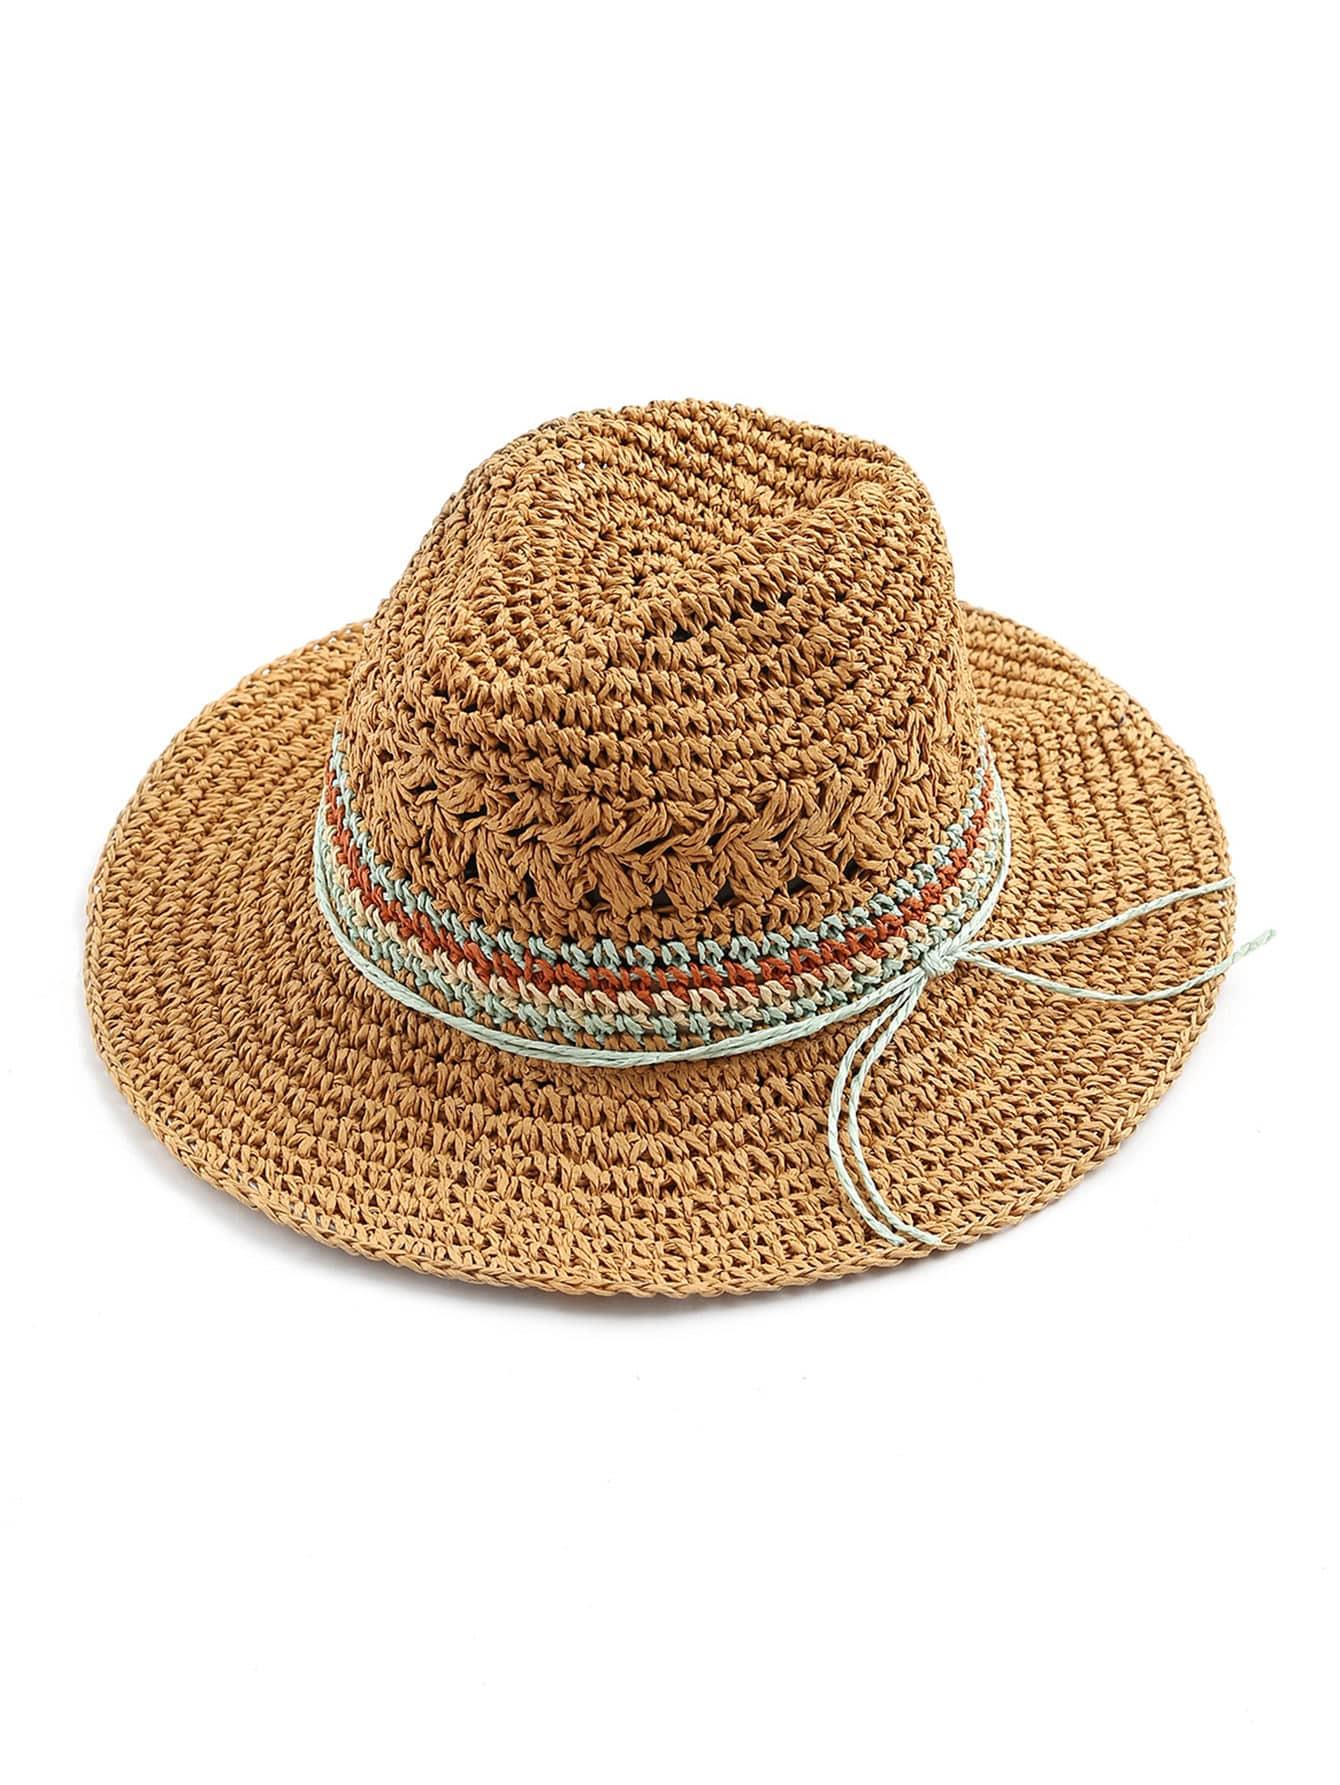 Фото Straw Fedora Hat. Купить с доставкой